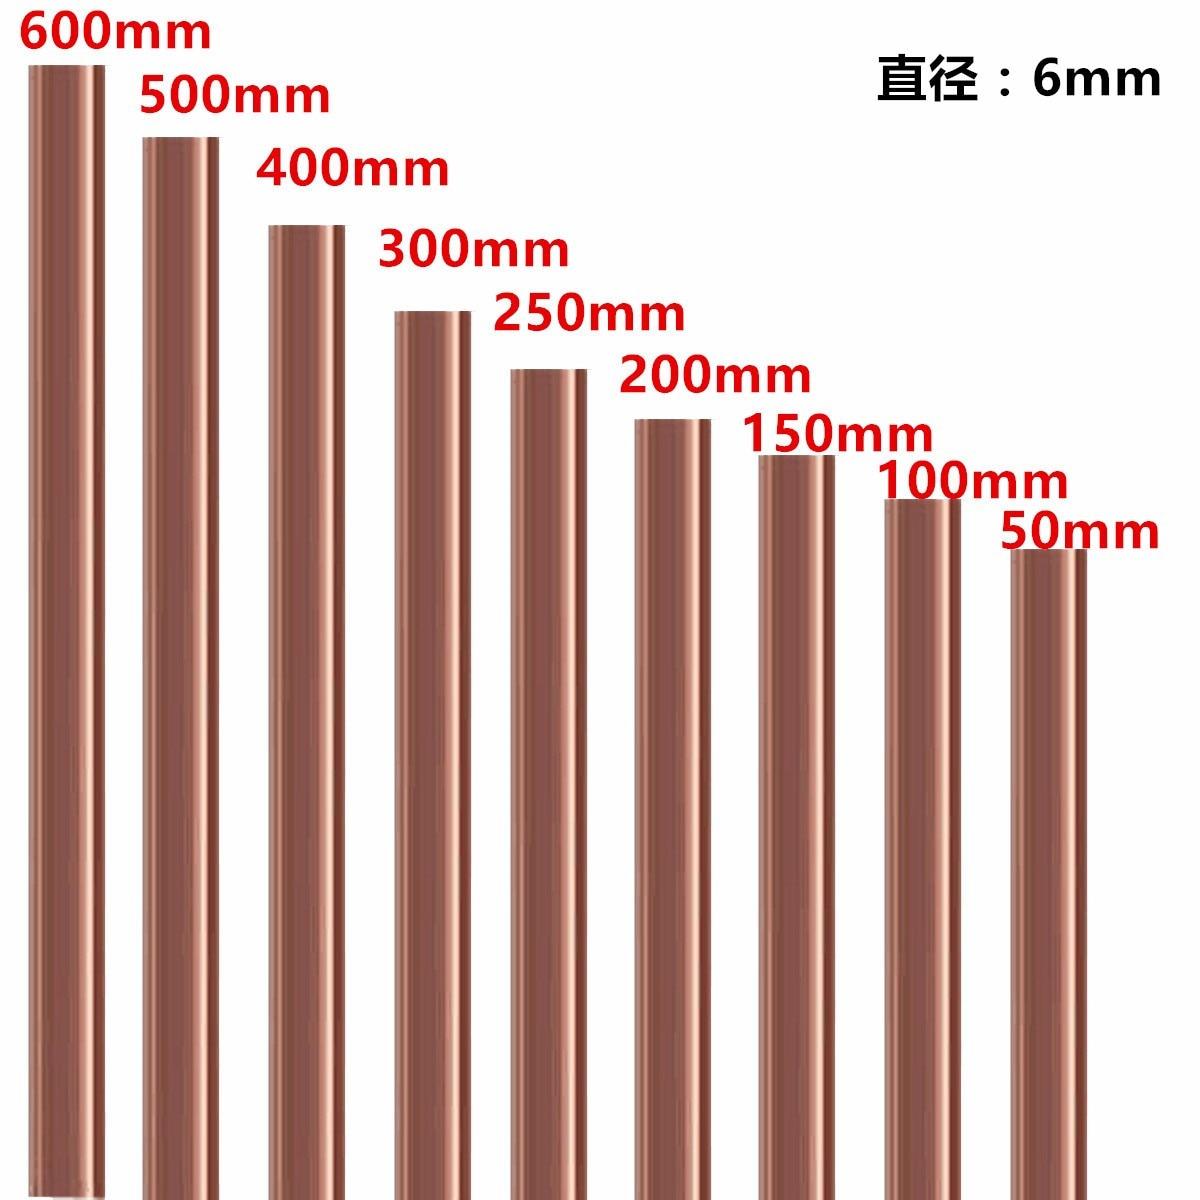 6 мм диаметр 50-600 мм медный круглый стержень для фрезерной сварки металлообработки